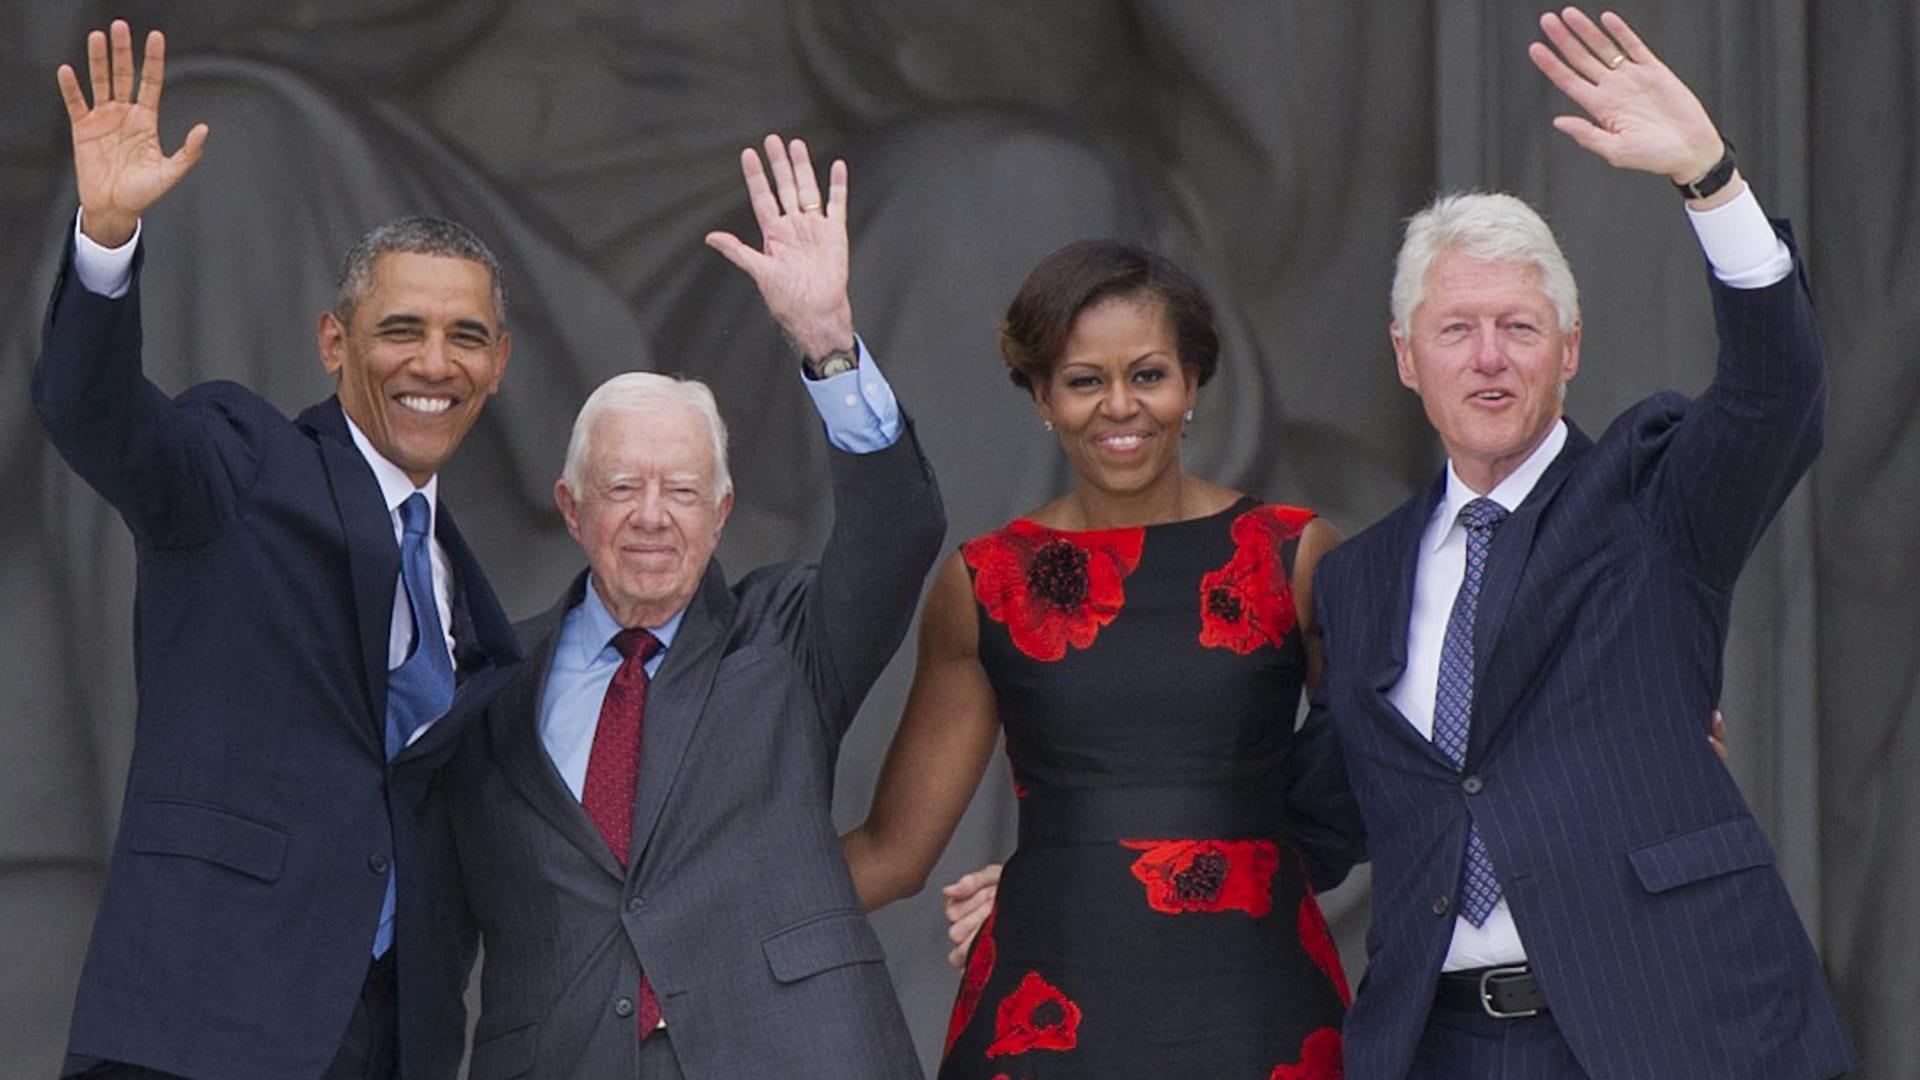 هكذا علق أوباما وكلينتون وكارتر على فوز بايدن بانتخابات الرئاسة الأمريكية